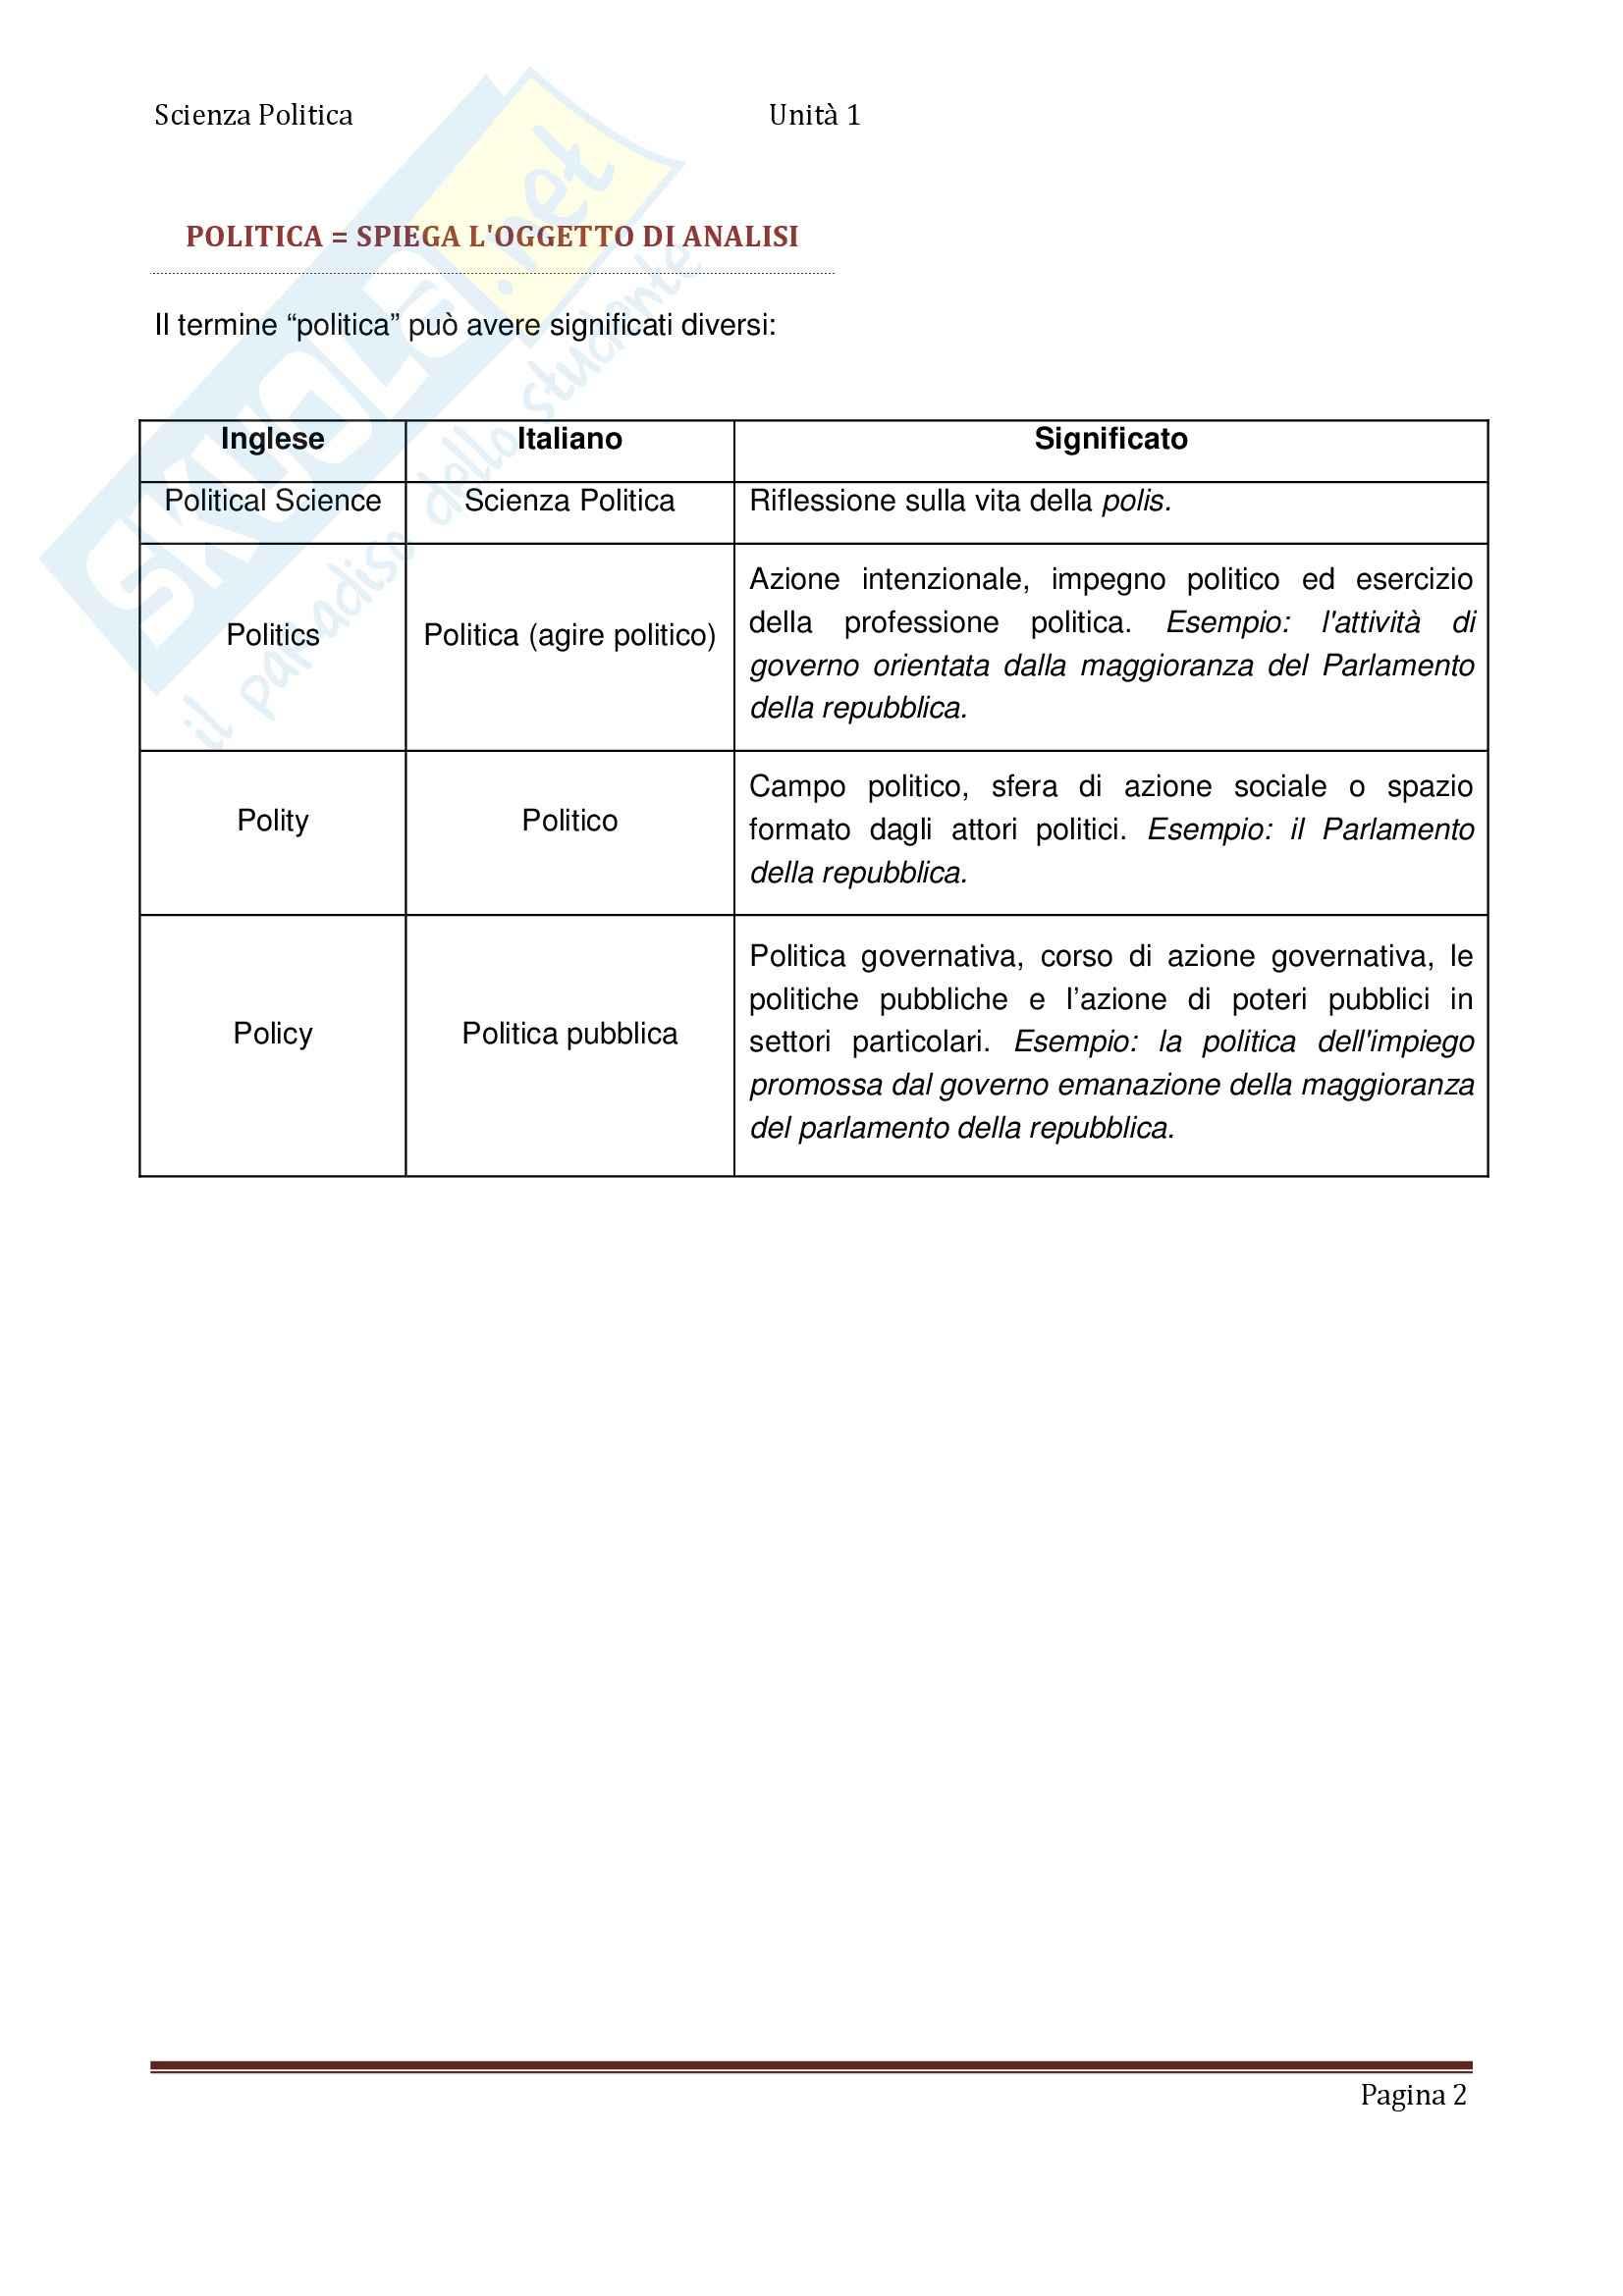 Scienza politica - Appunti Pag. 2